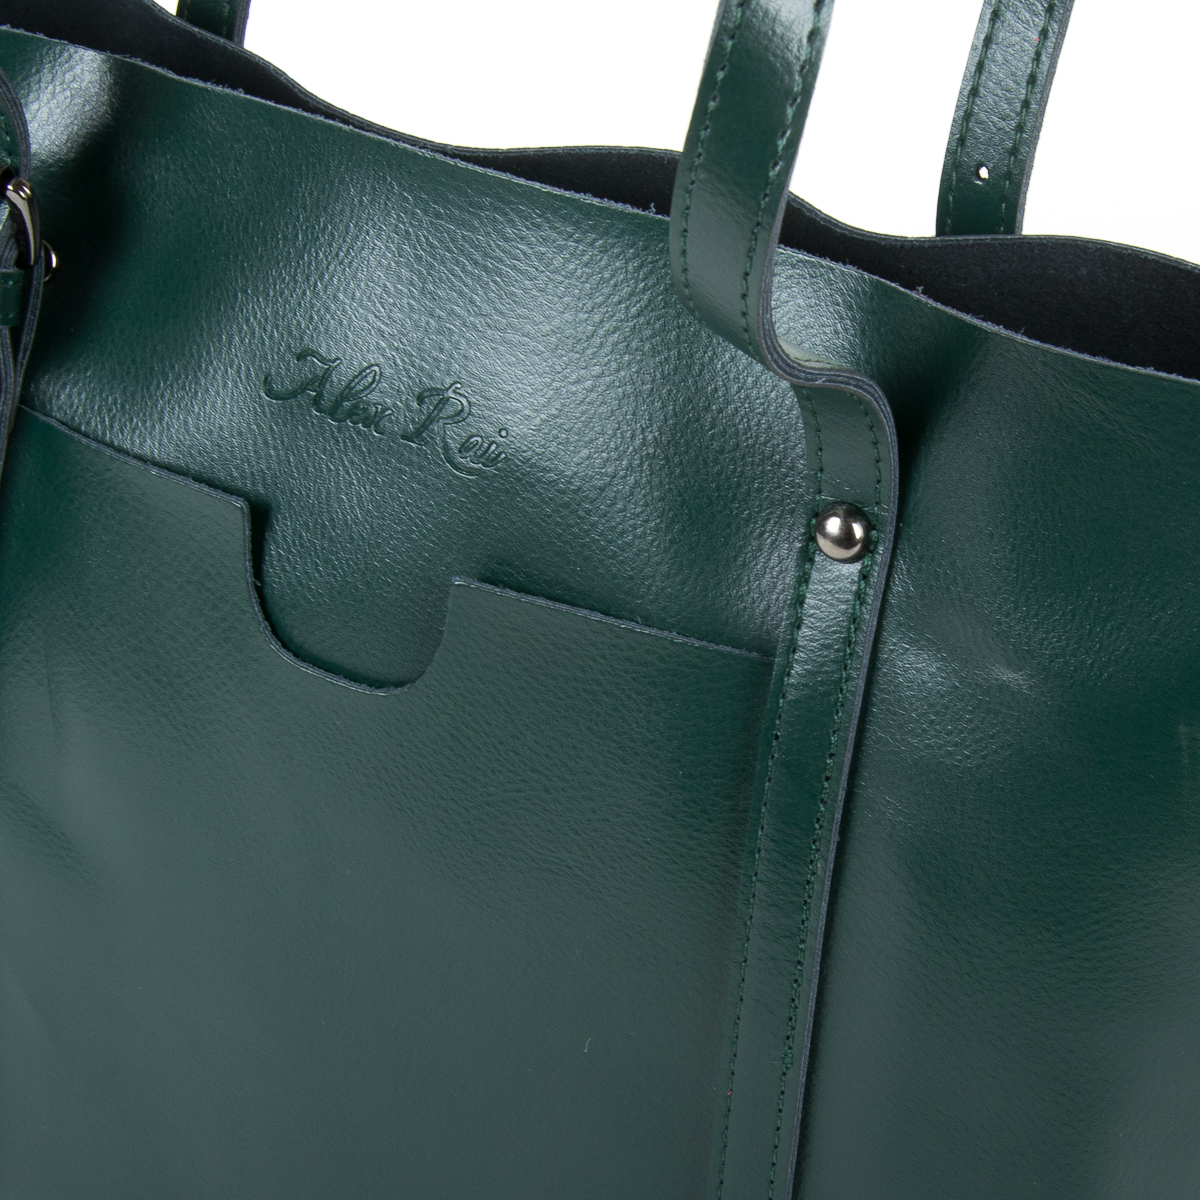 Сумка Женская Классическая кожа ALEX RAI 9-01 1535 green - фото 3